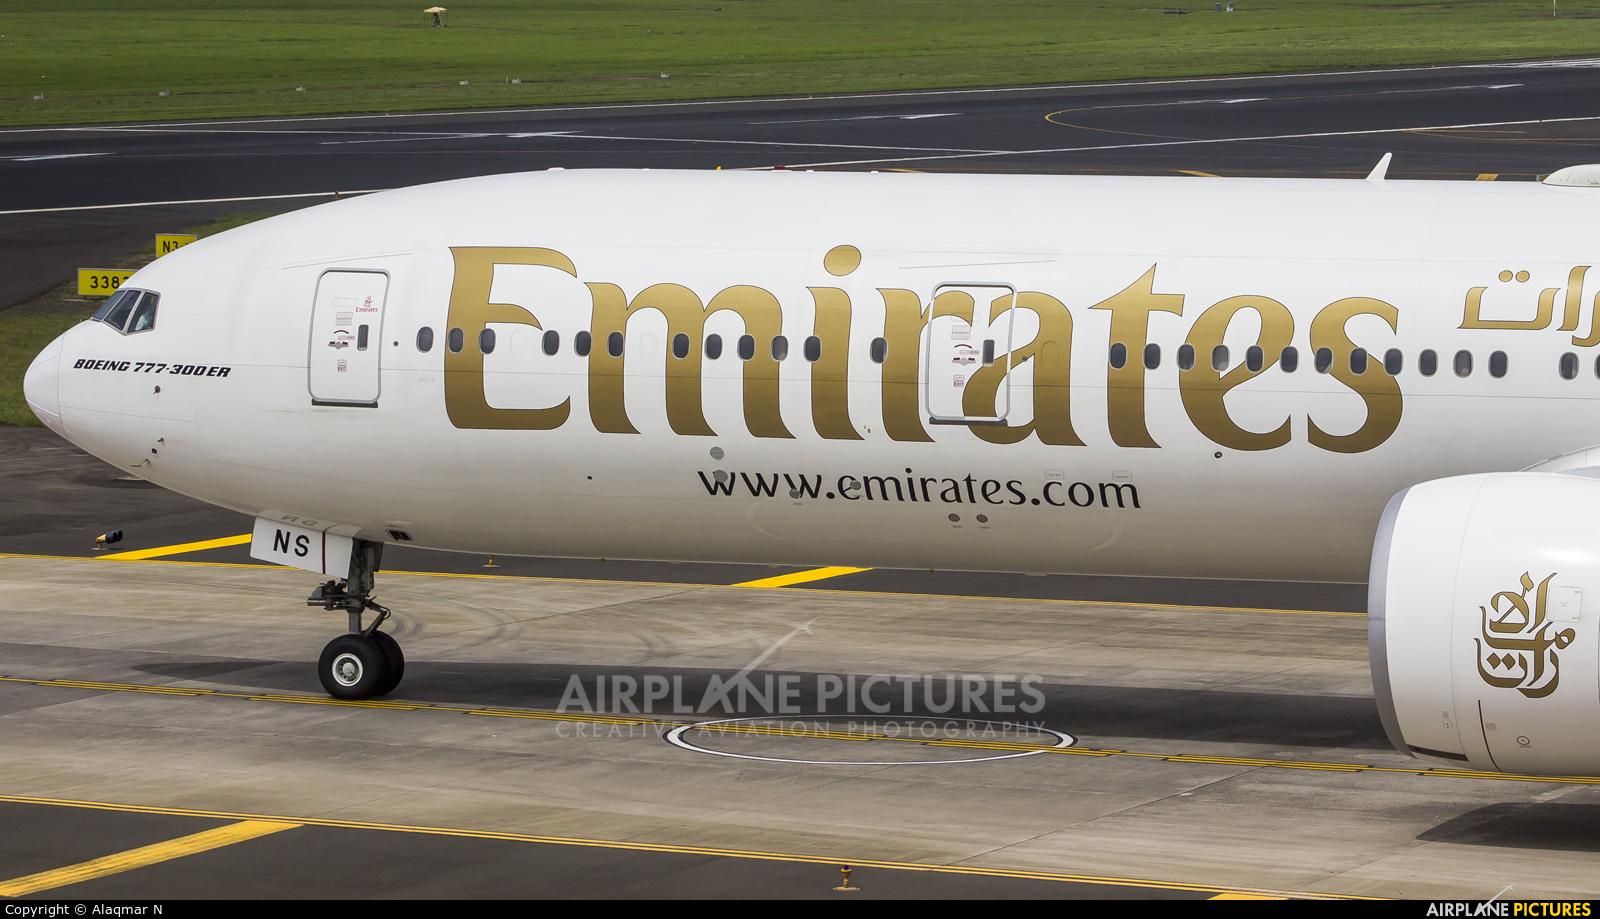 Emirates Airlines A6-ENS aircraft at Mumbai - Chhatrapati Shivaji Intl